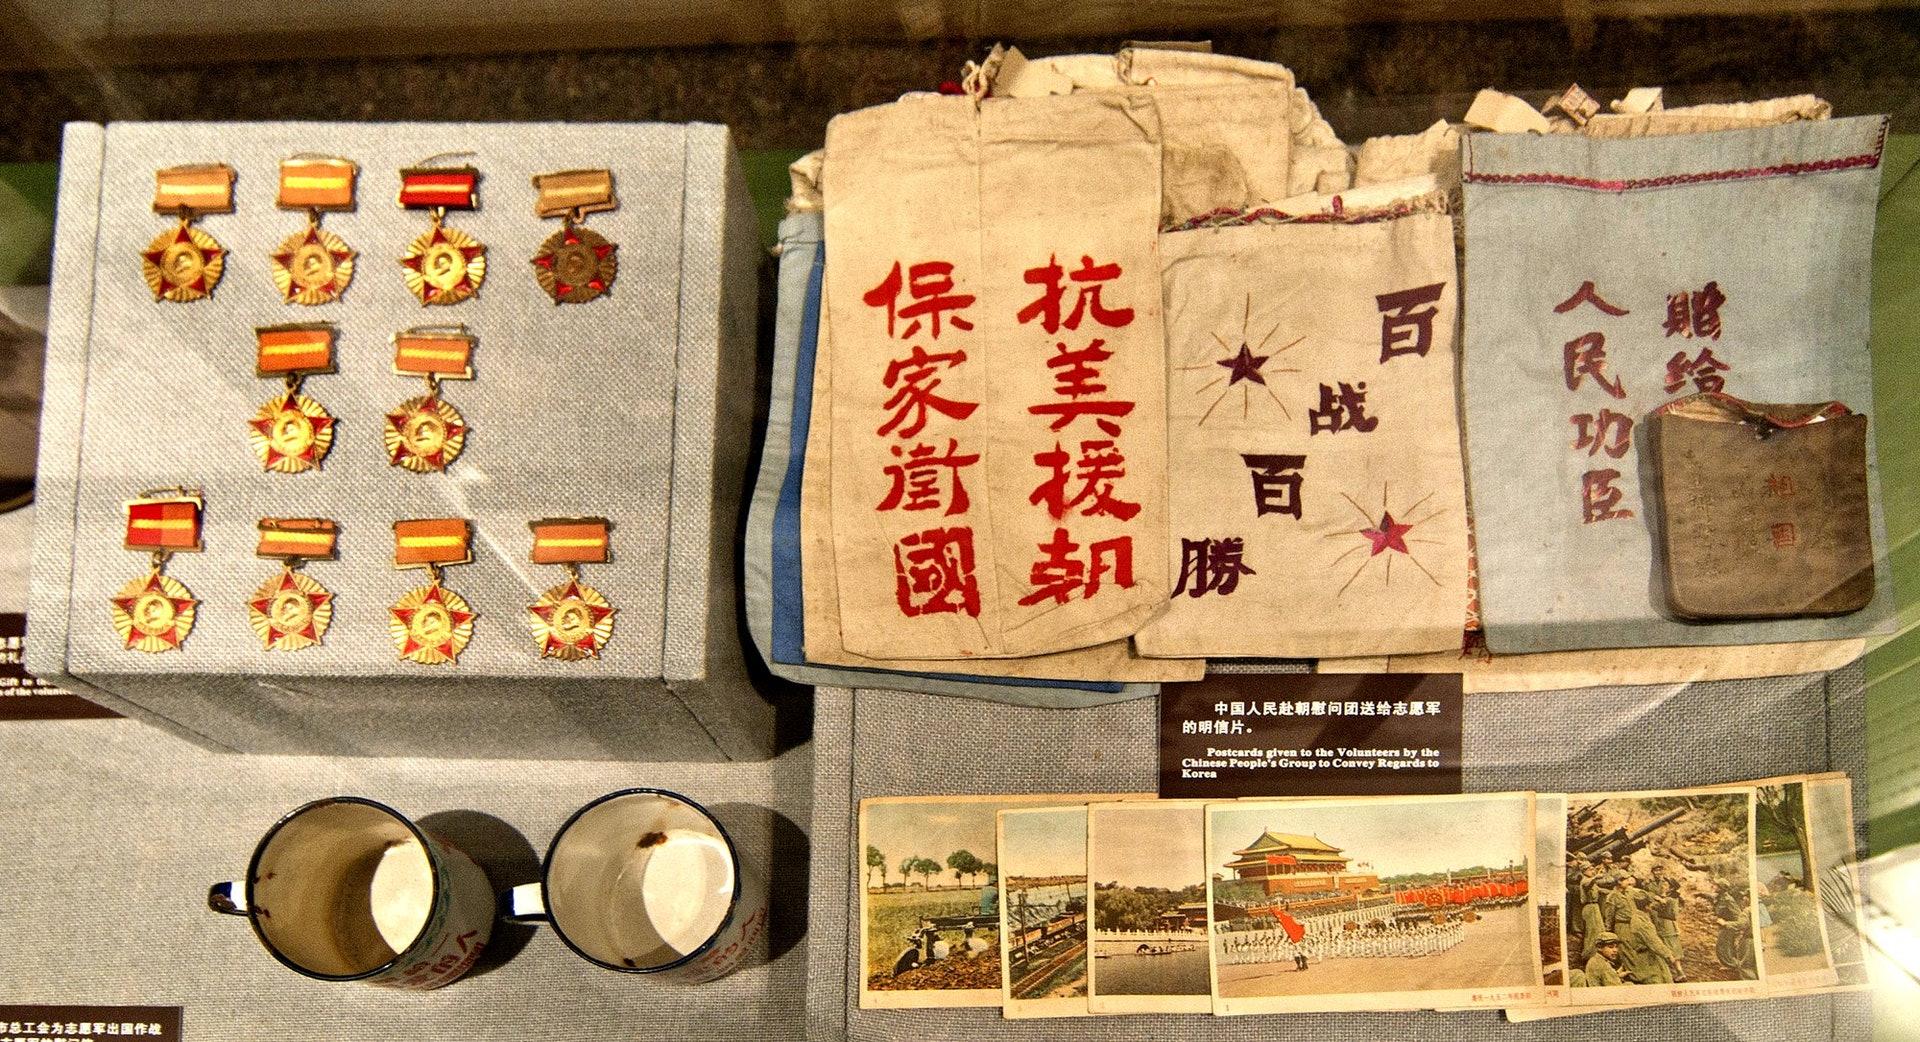 图为辽宁丹东抗美援朝纪念馆里,中国人民赴朝鲜慰问团赠给志愿军的明信片等物品和授给志愿军的奖章。(视觉中国)